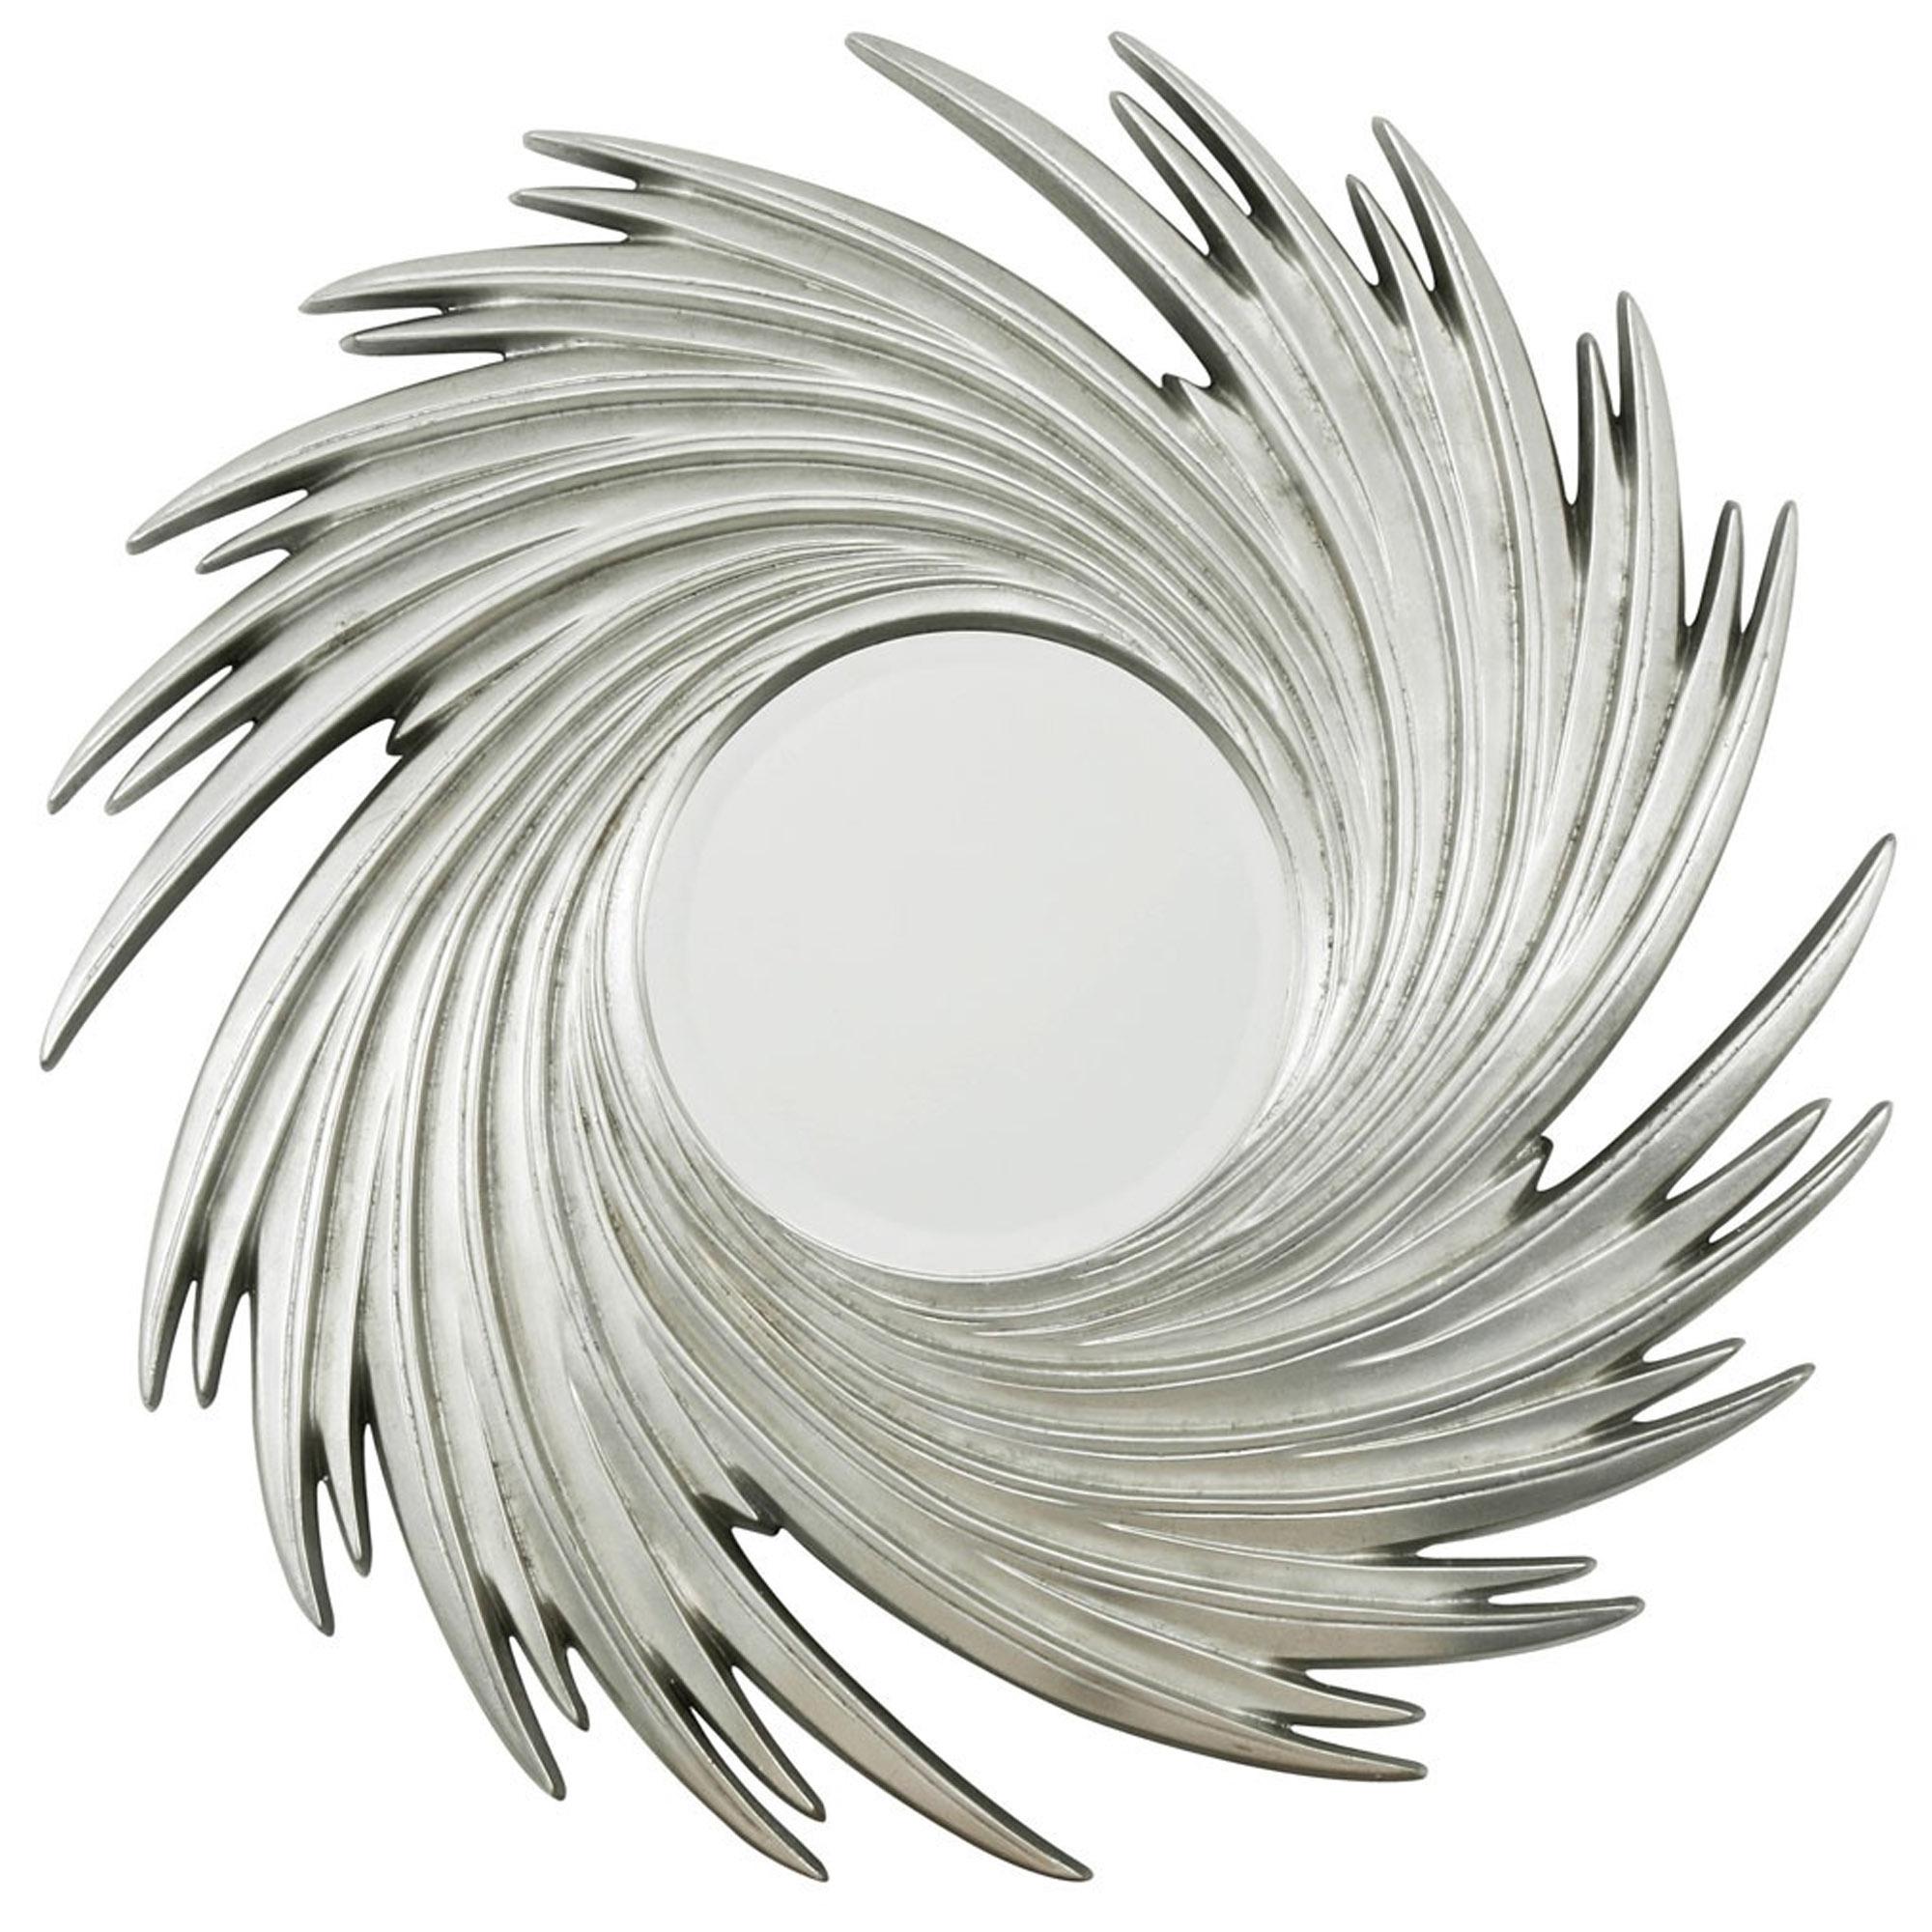 Sunburst Swirl Wall Mirror Inside Popular Sunburst Wall Mirrors (View 15 of 20)